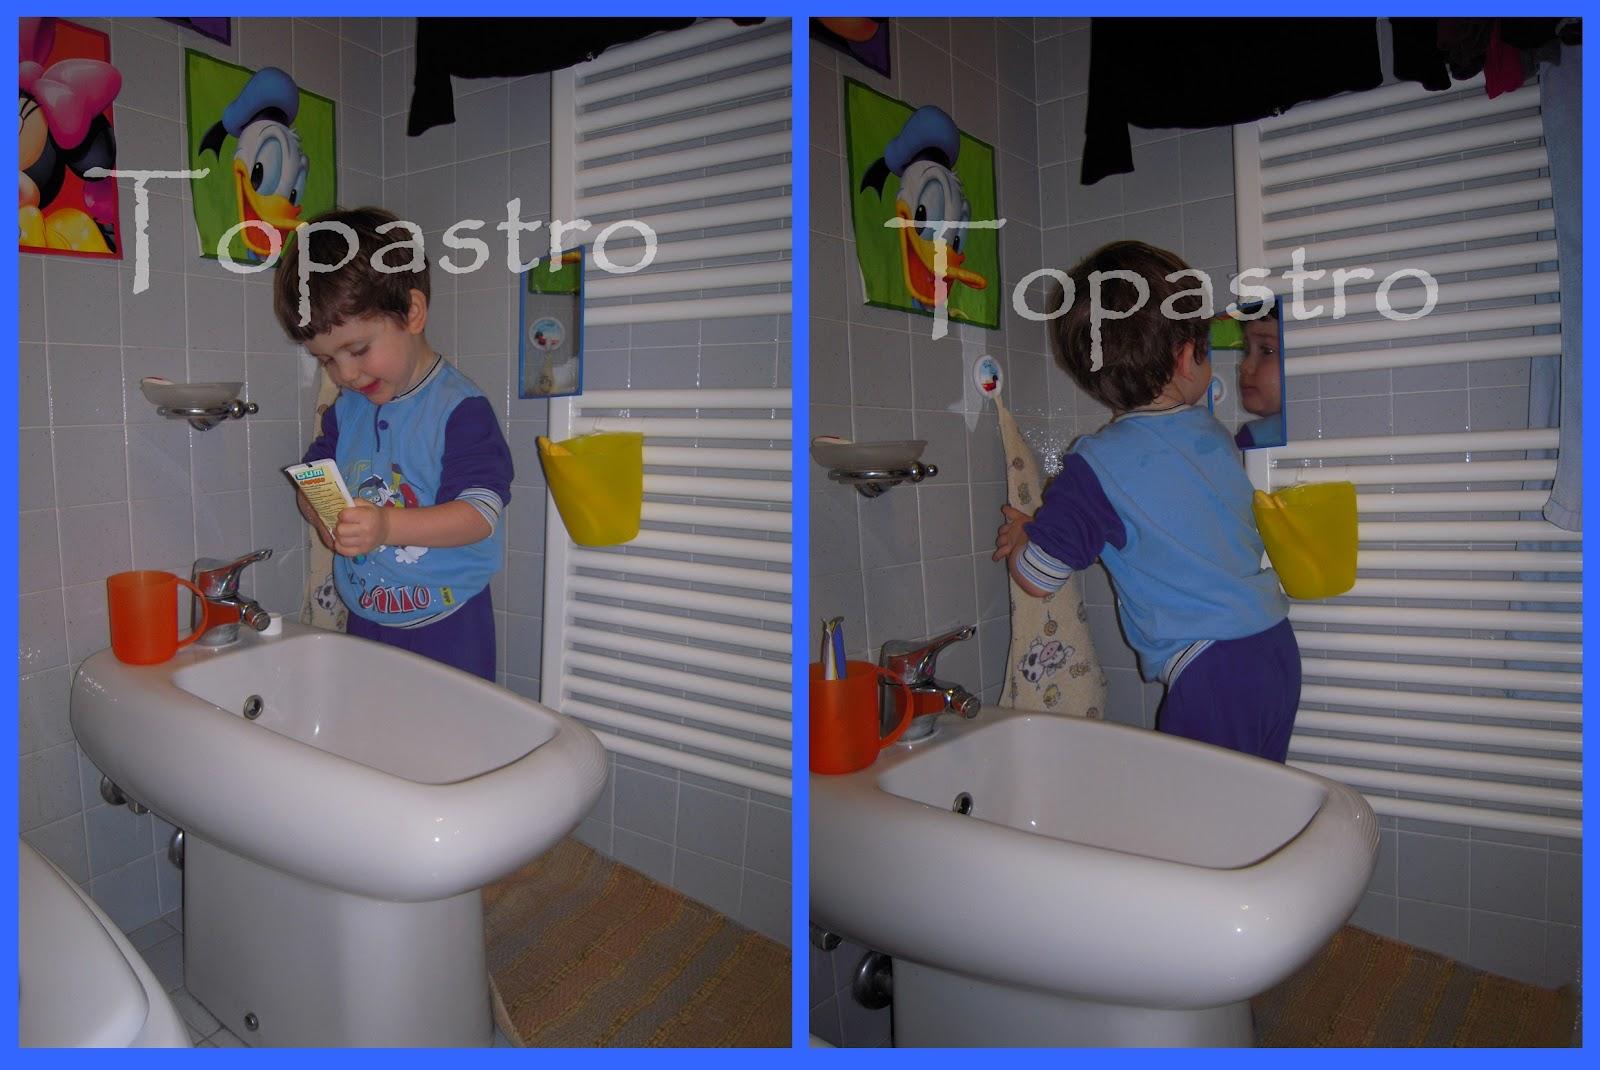 Mamma Claudia e le avventure del Topastro: Il bagno del Topastro